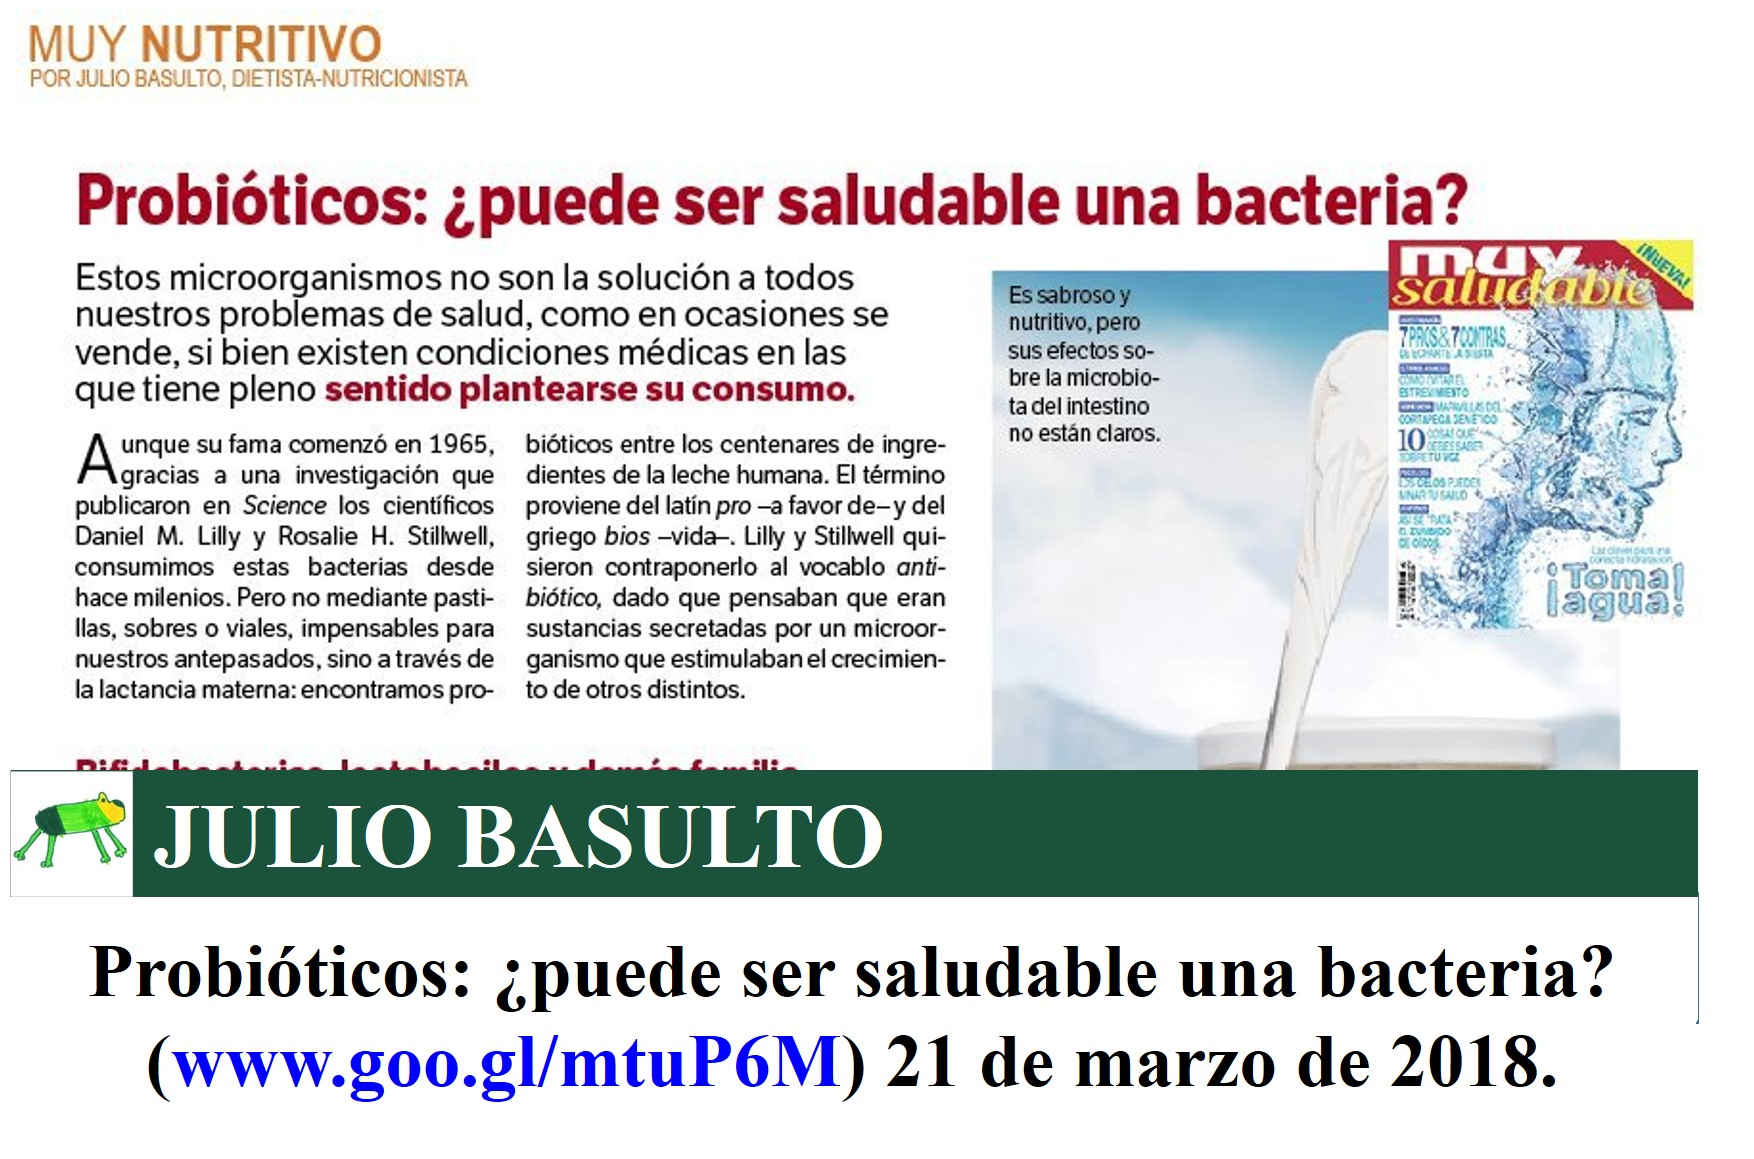 Probióticos: ¿puede ser saludable una bacteria? (texto)